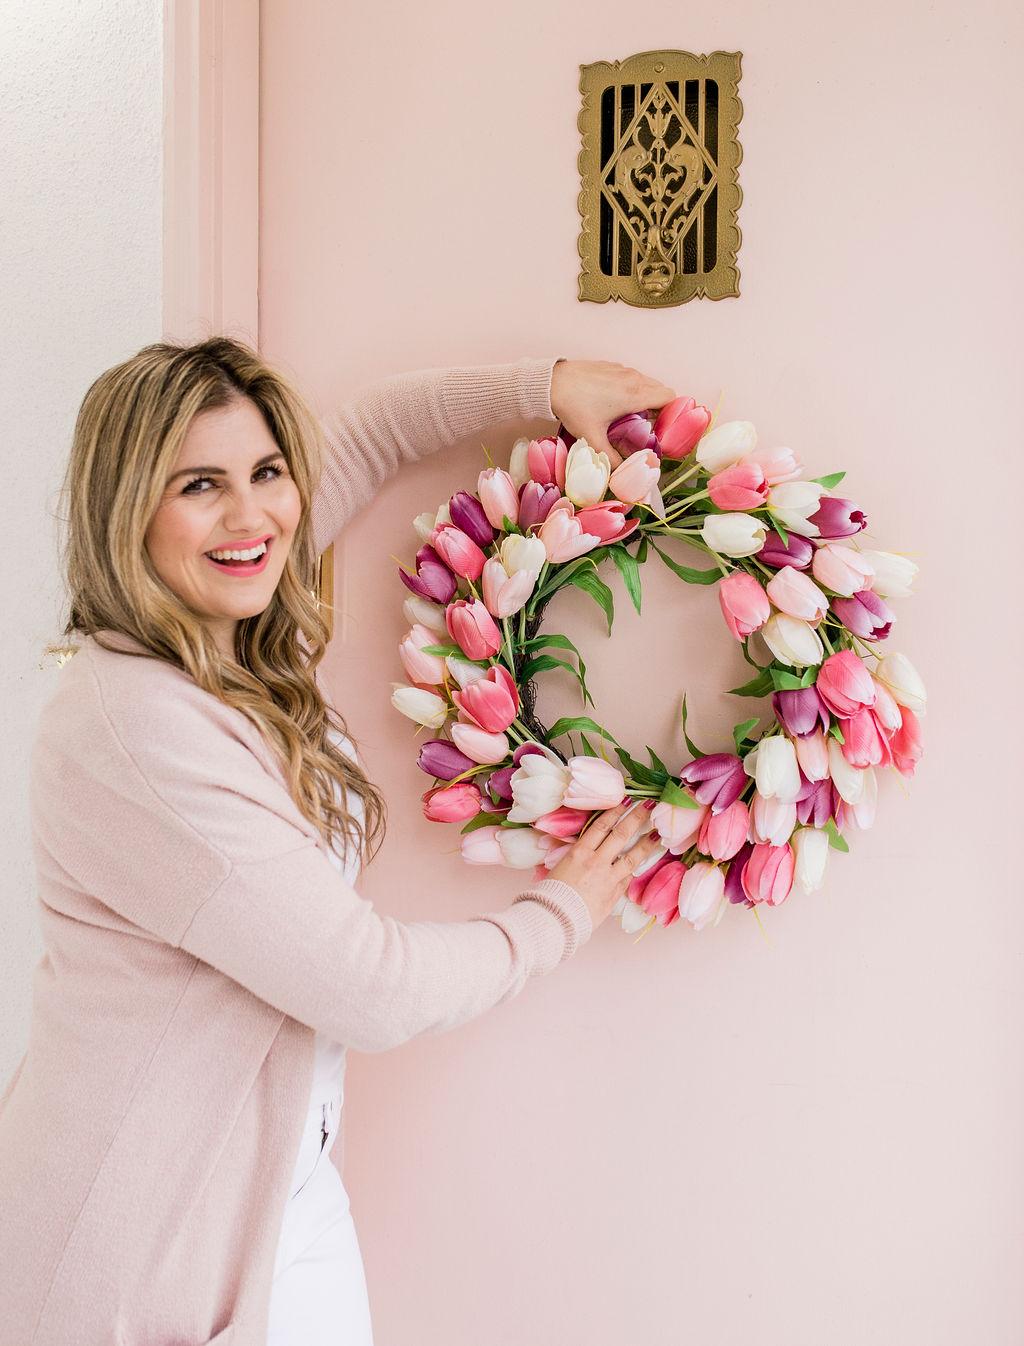 flower wreath on door